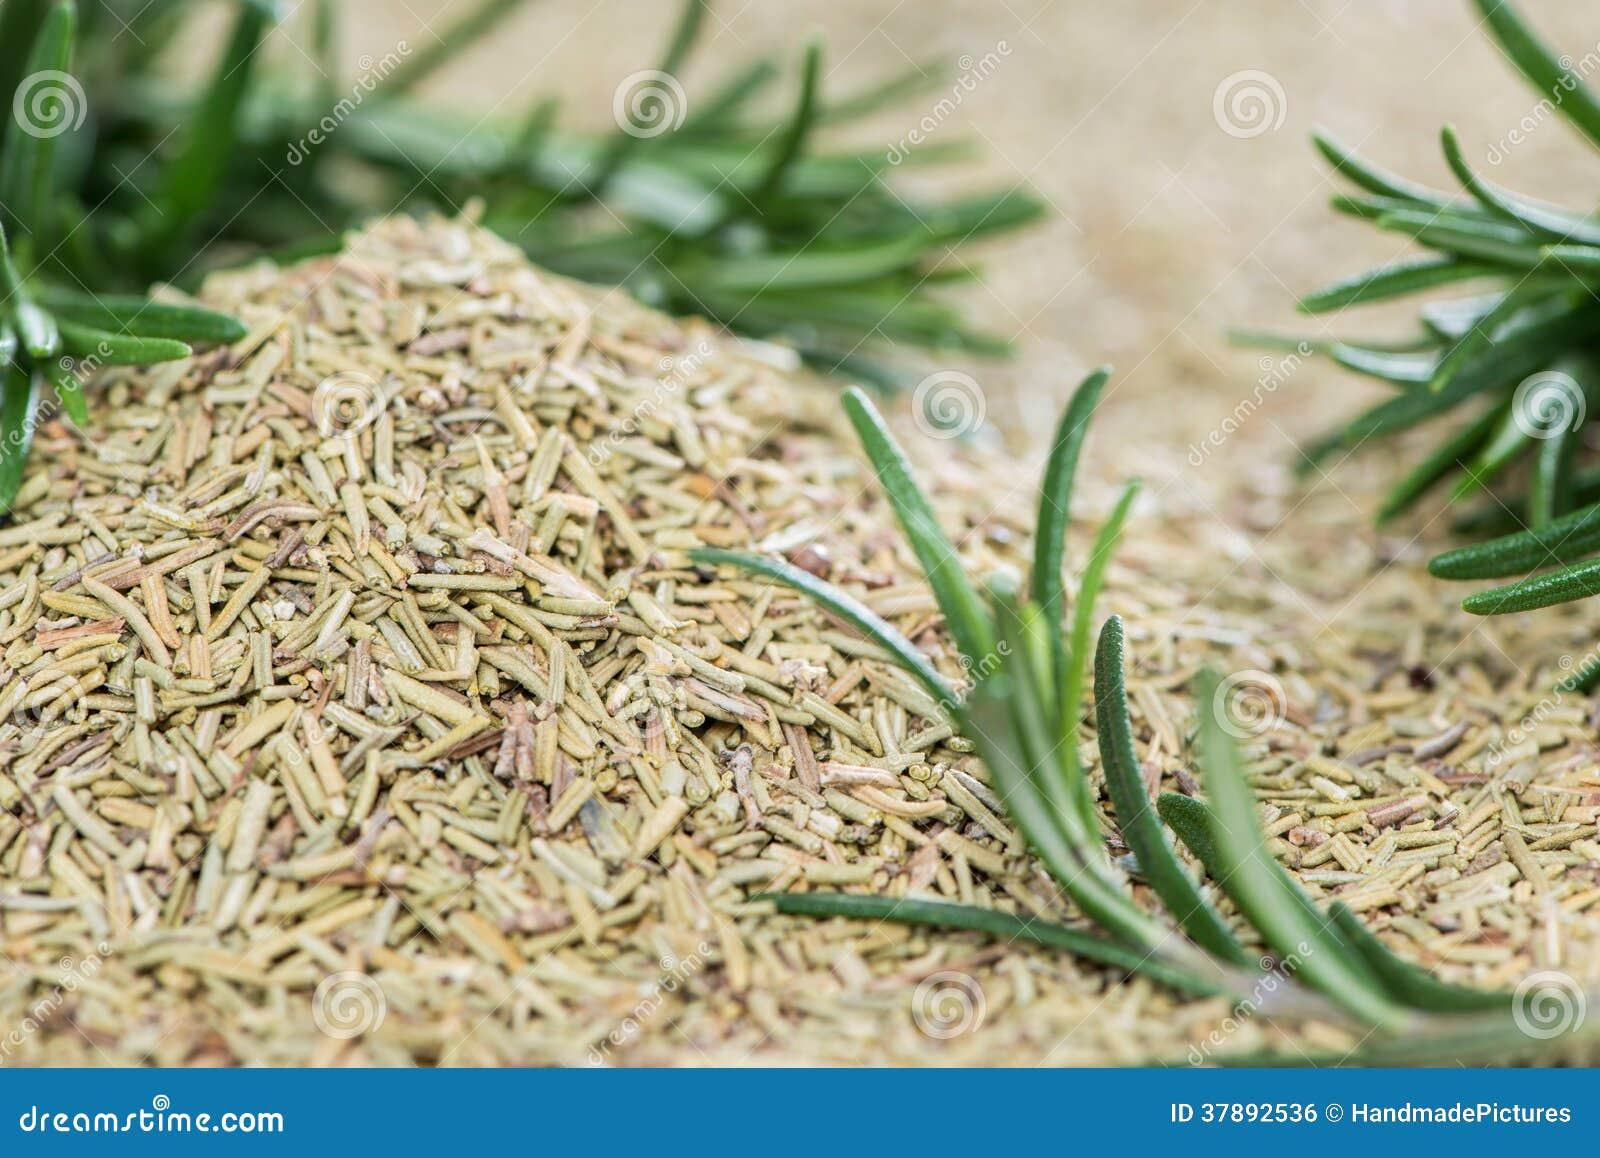 Gedeelte van droge Rosemary